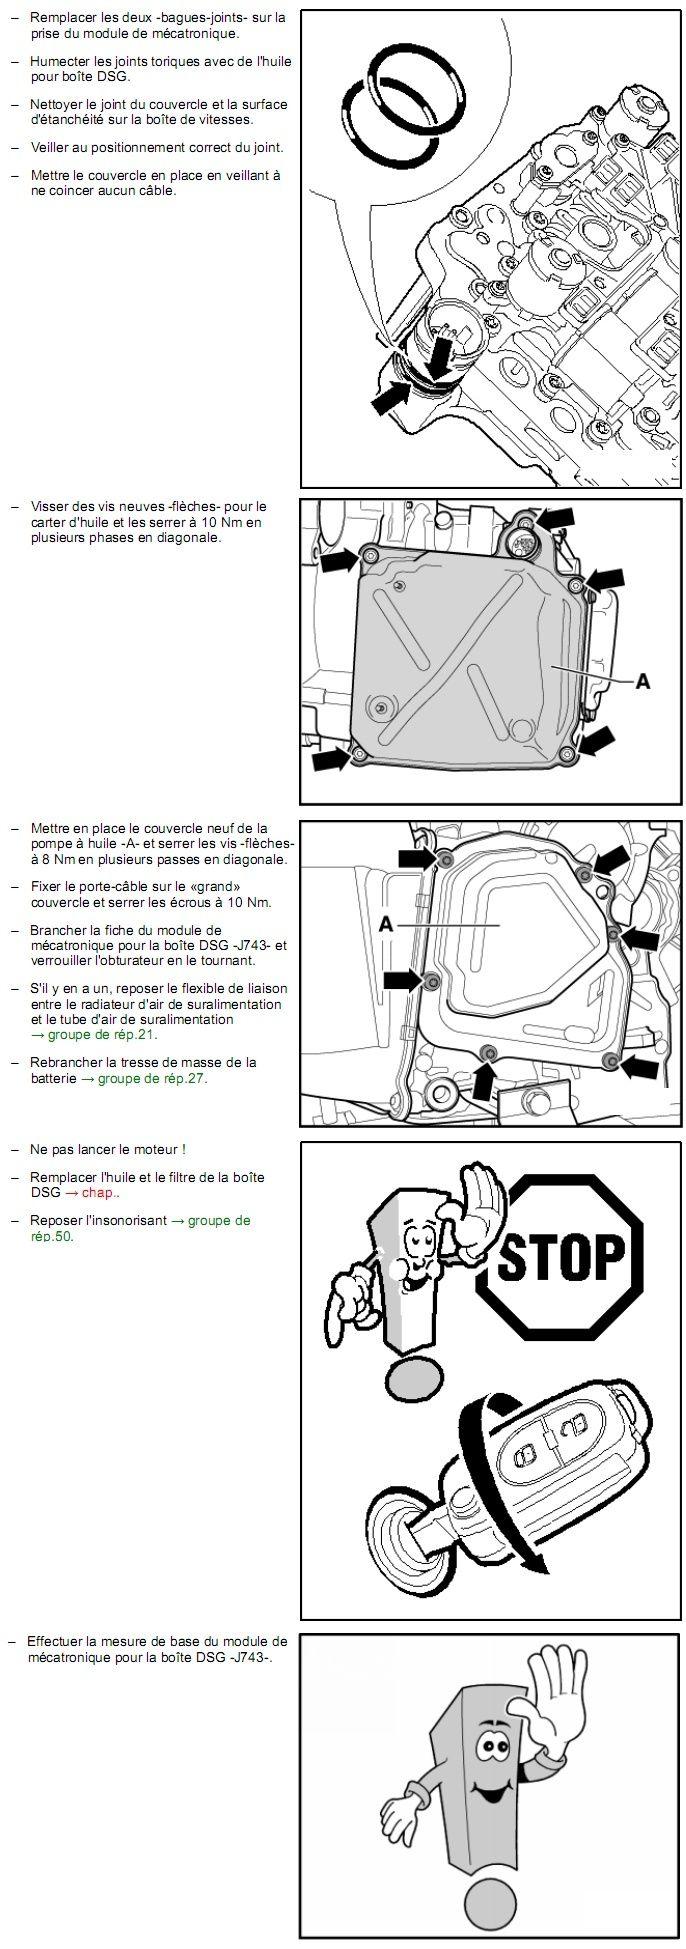 Description et Réparation - Boite DSG 02E  Dsg2010